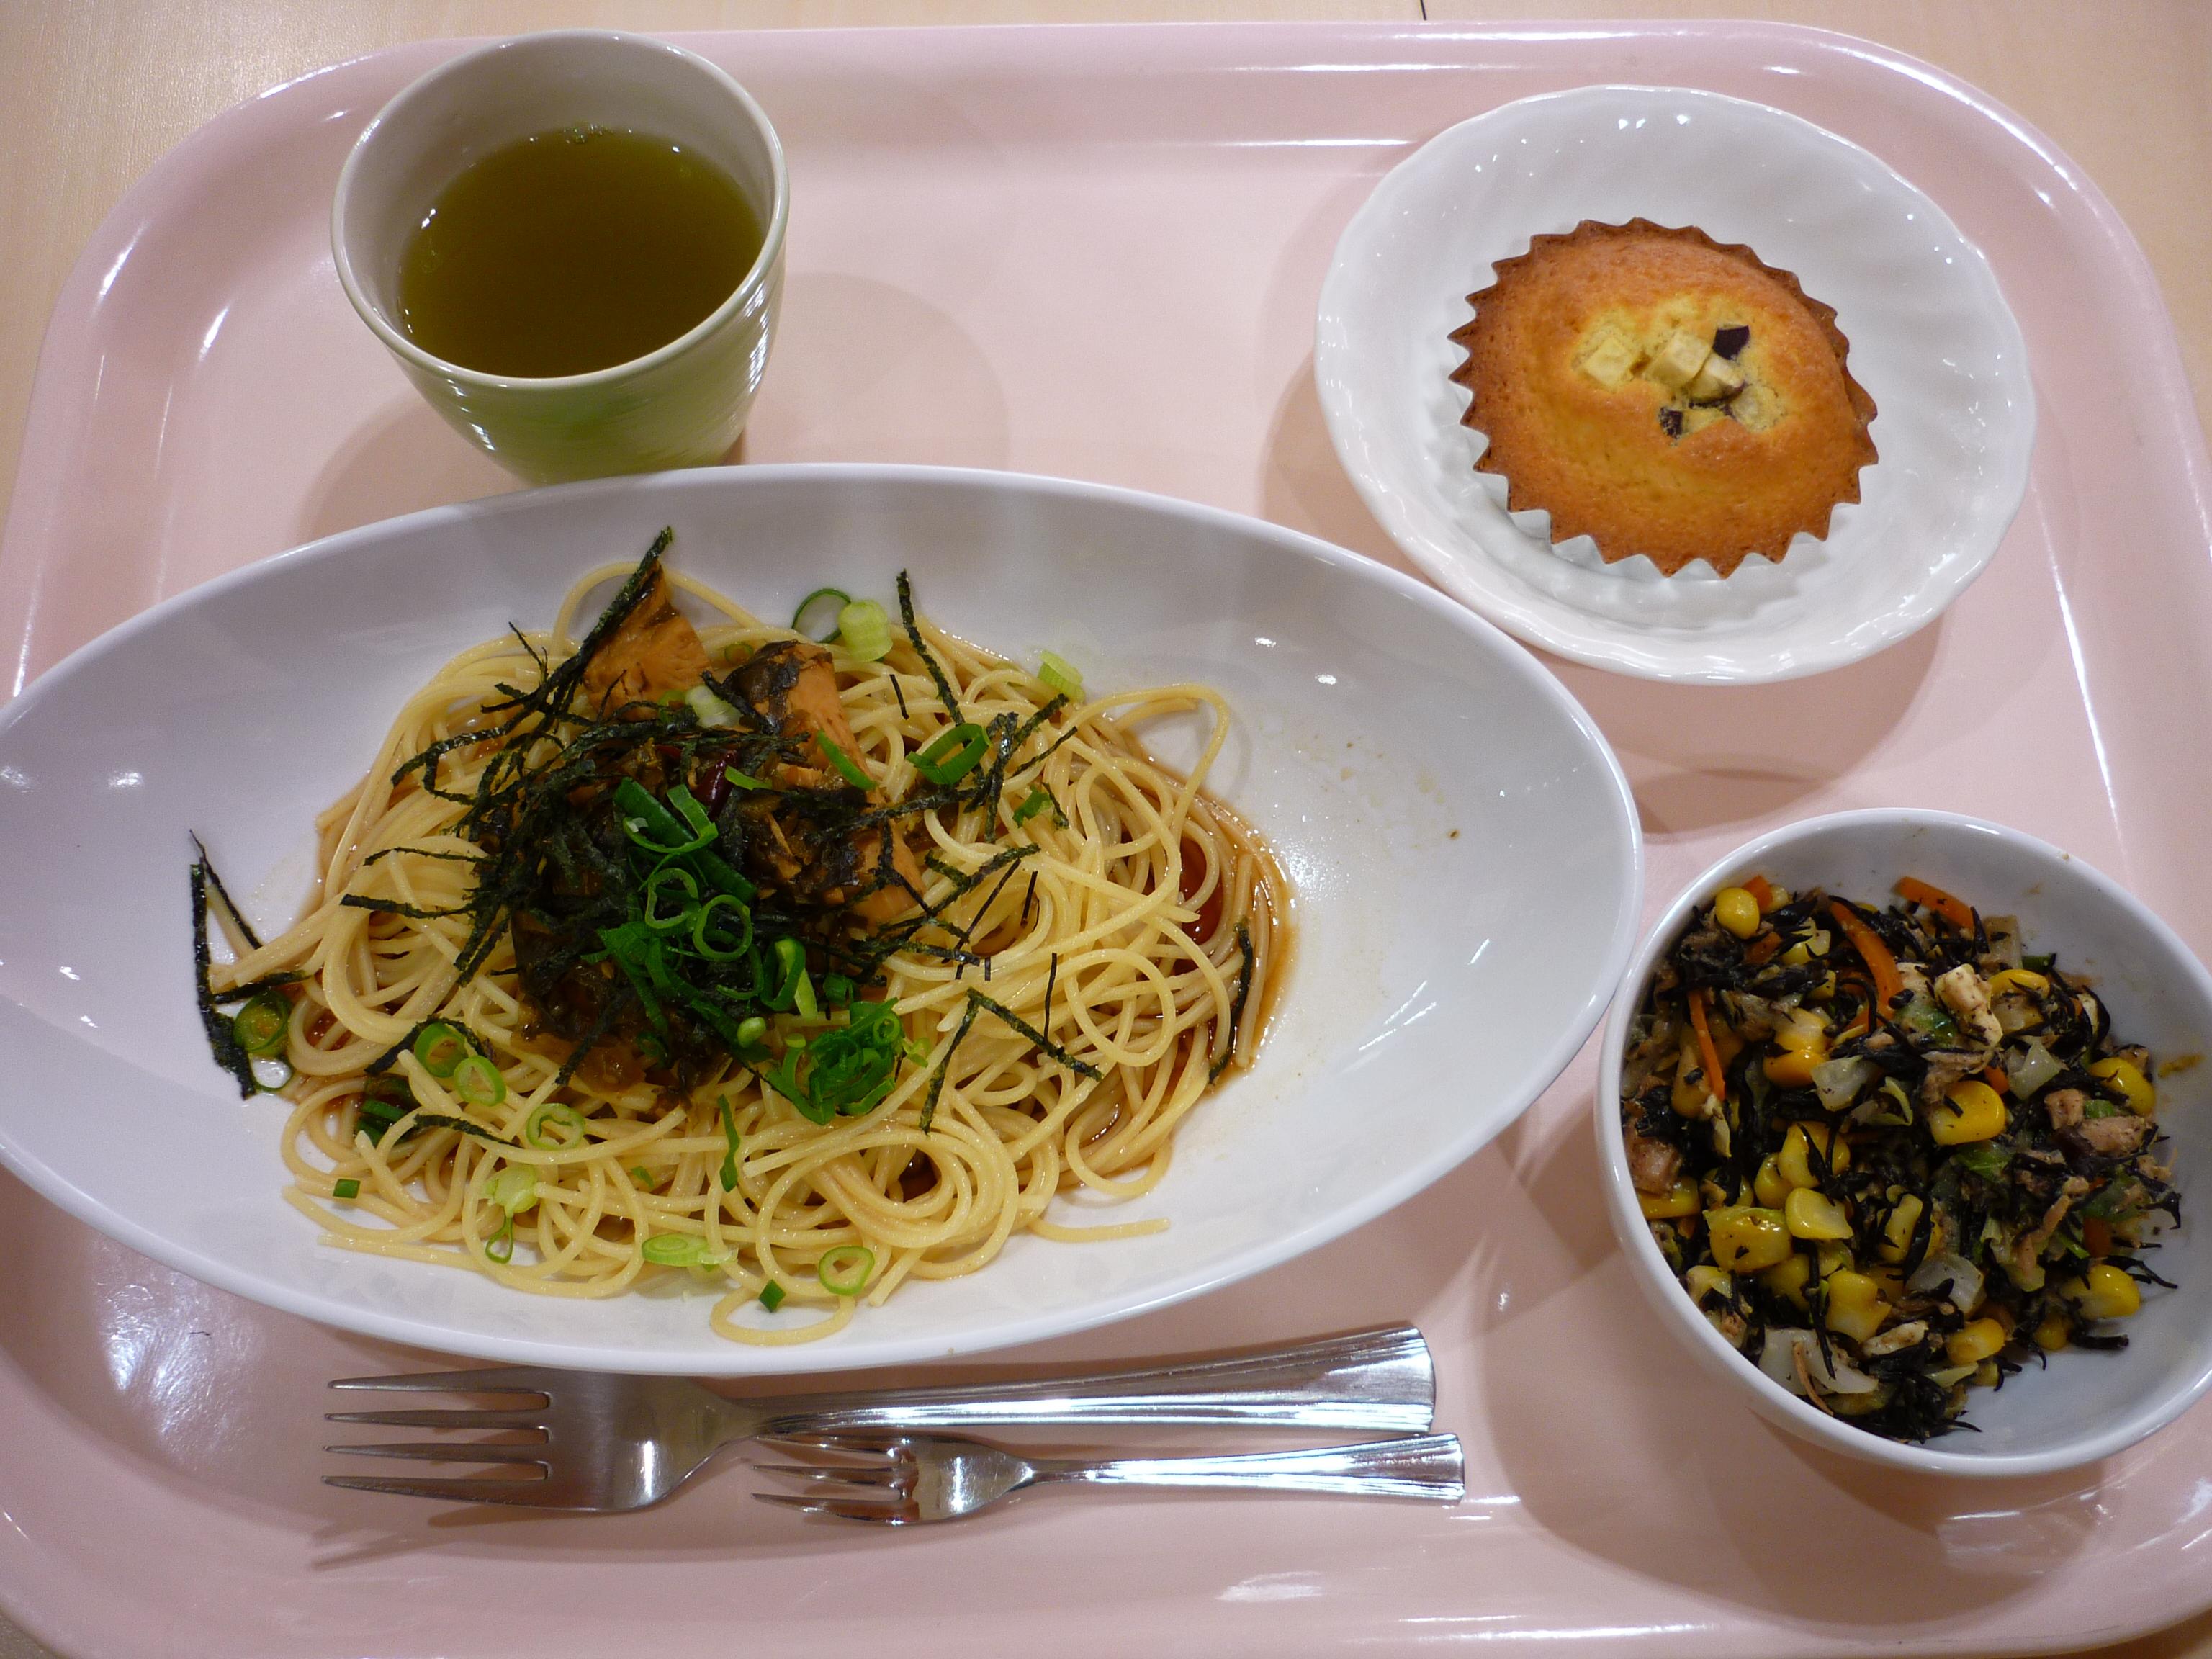 高菜パスタ、ひじきとチーズのサラダ、スイートマドレーヌ